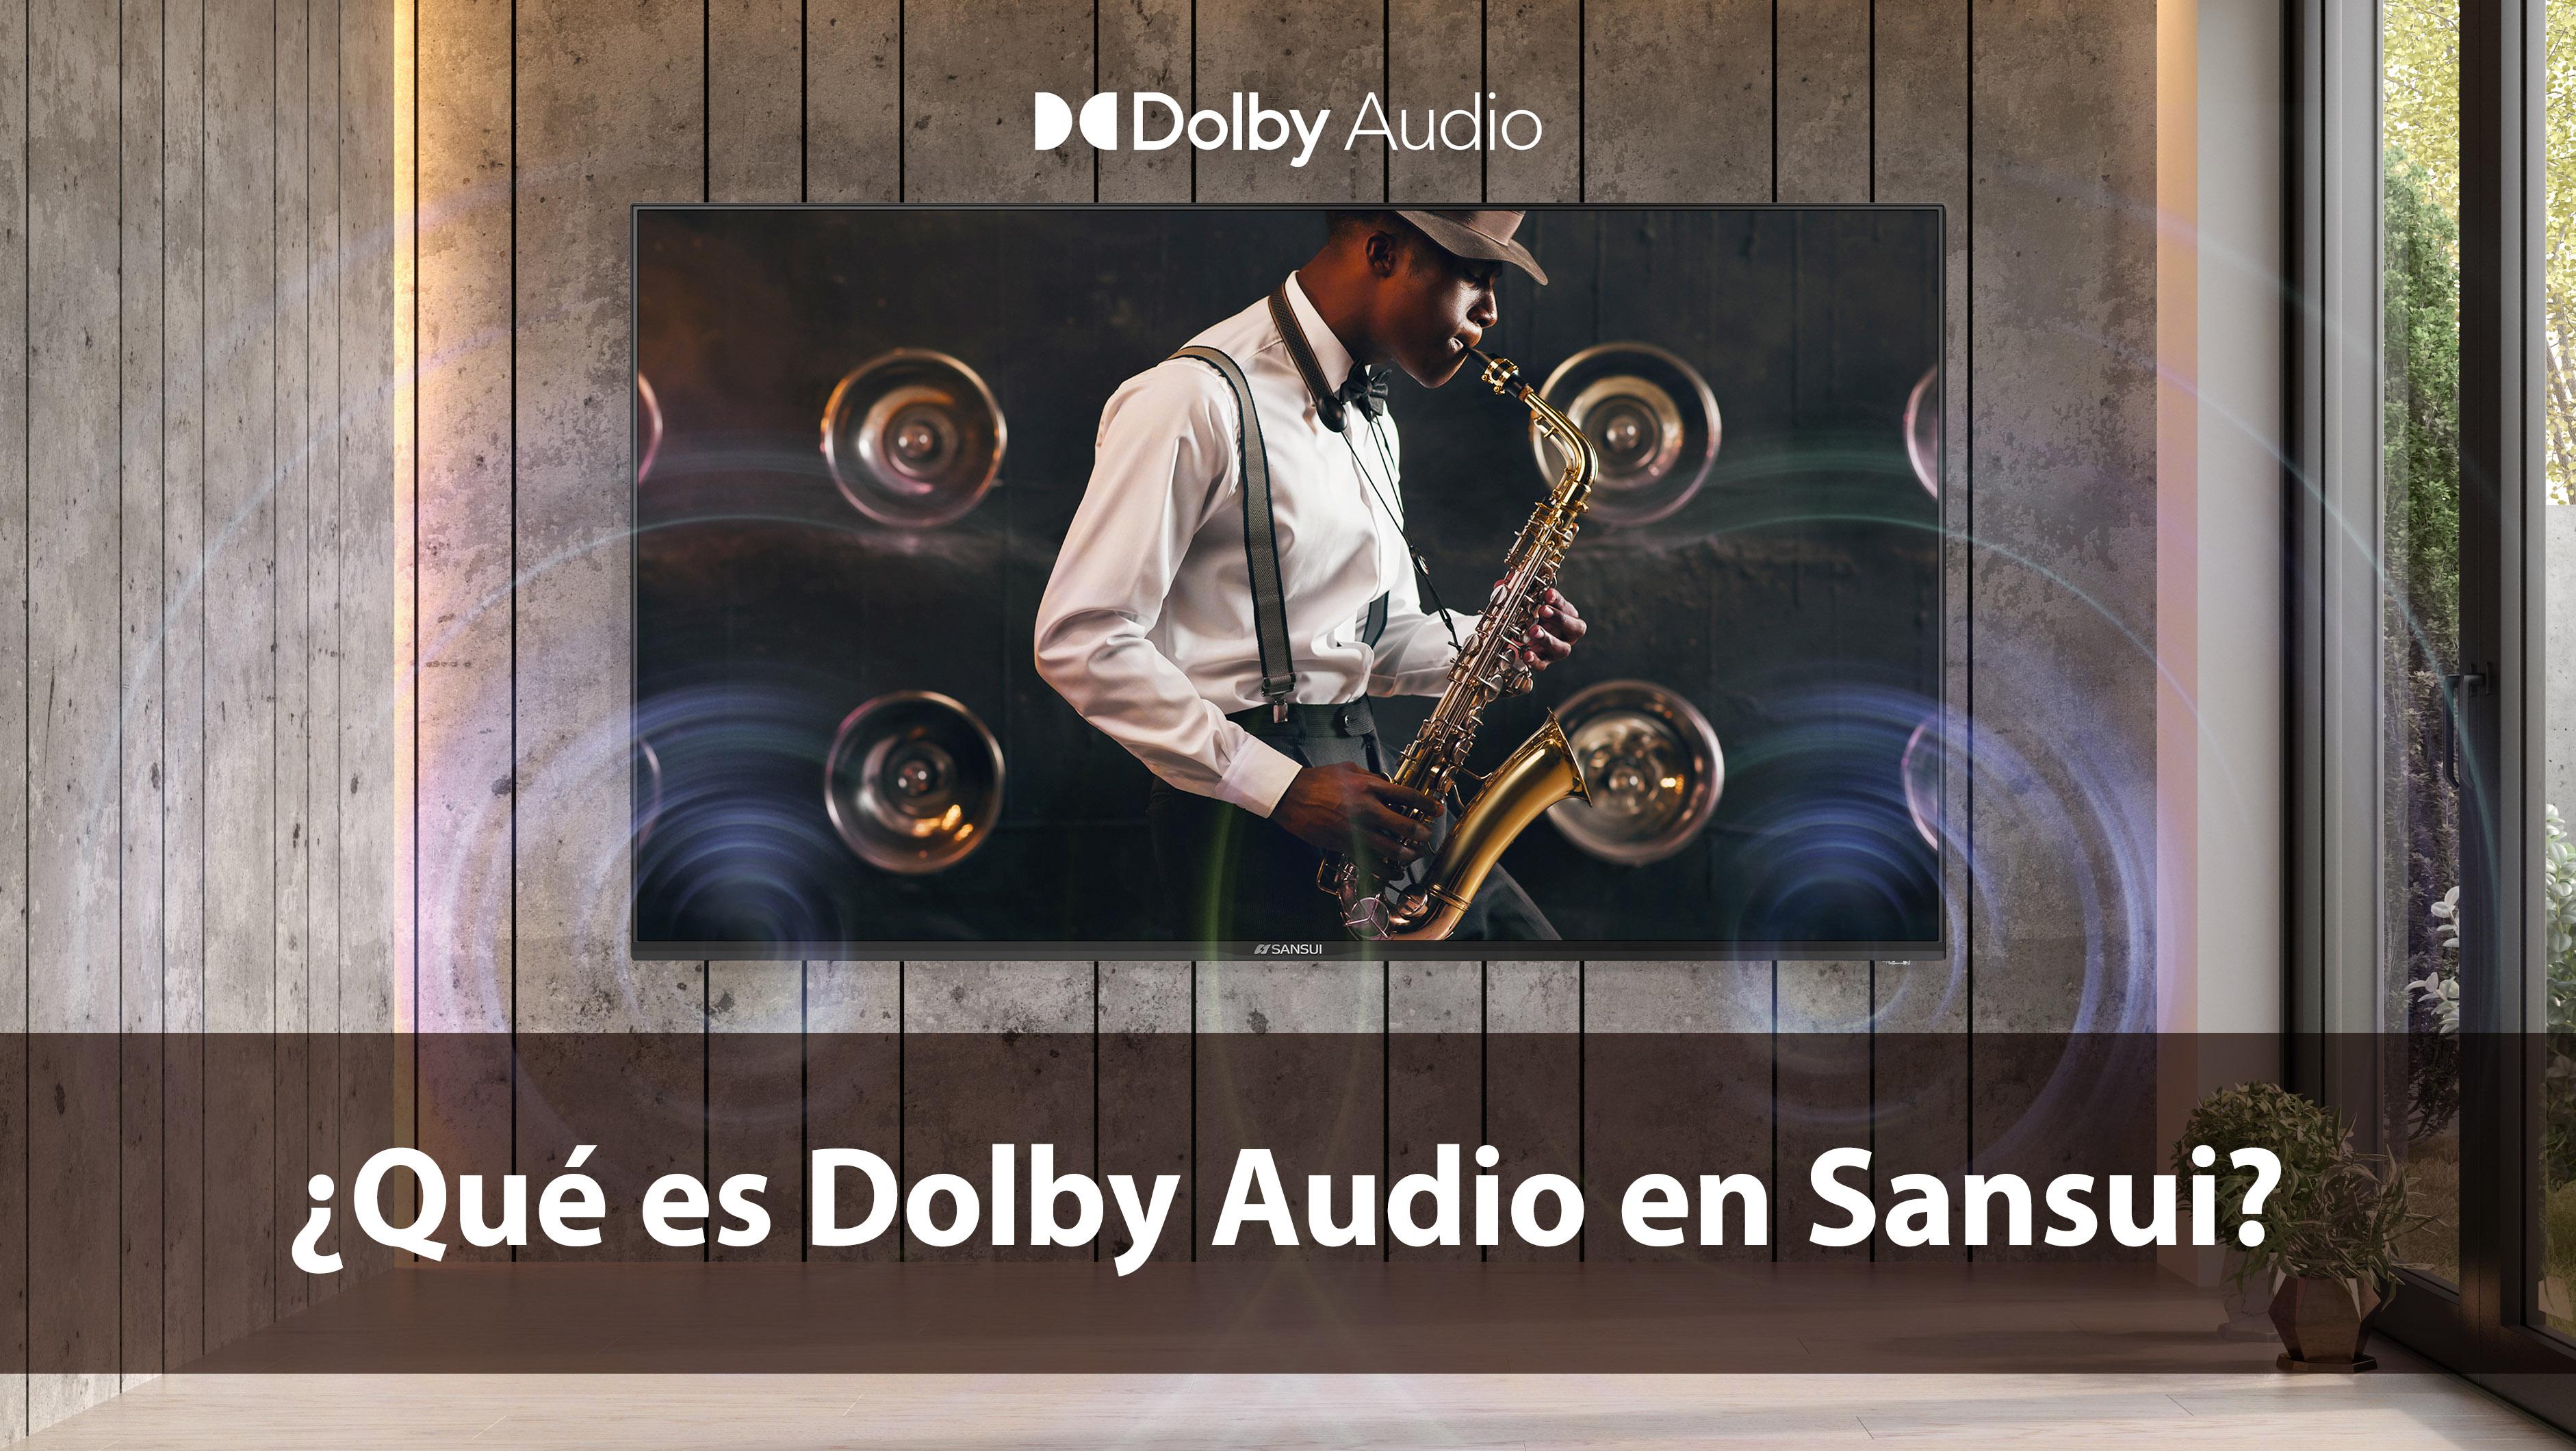 ¿Qué es Dolby Audio en Sansui?